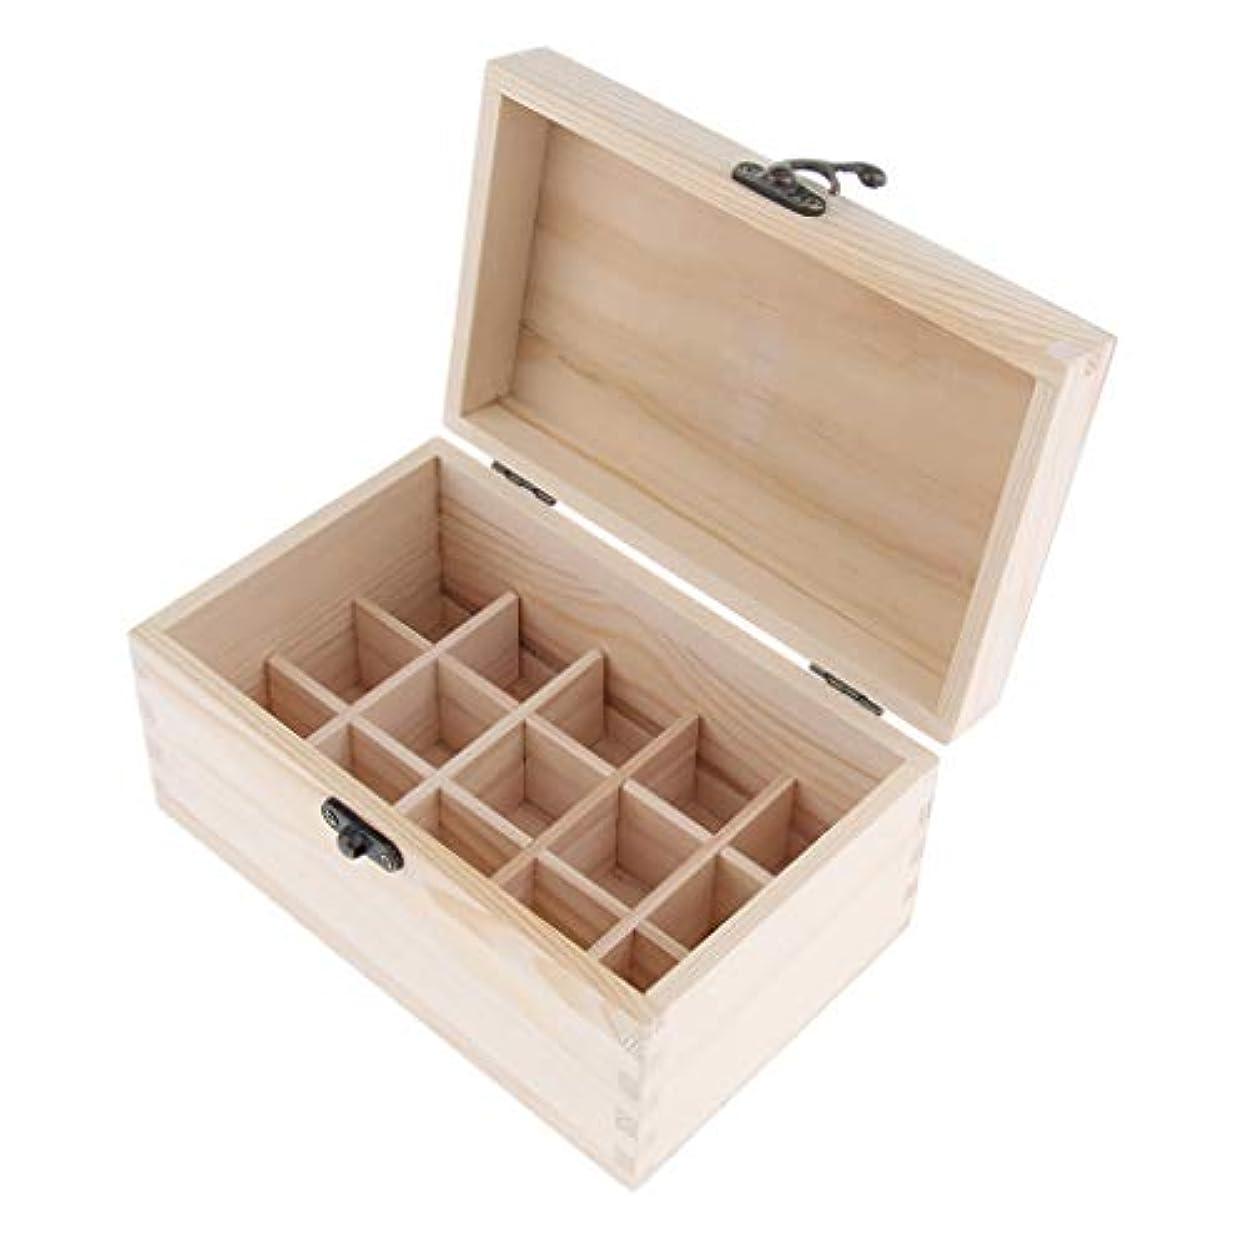 評論家明確に致死dailymall エッセンシャルオイル収納ボックス 木製 アロマケース 精油 香水収納 レトロ 大容量 15本用